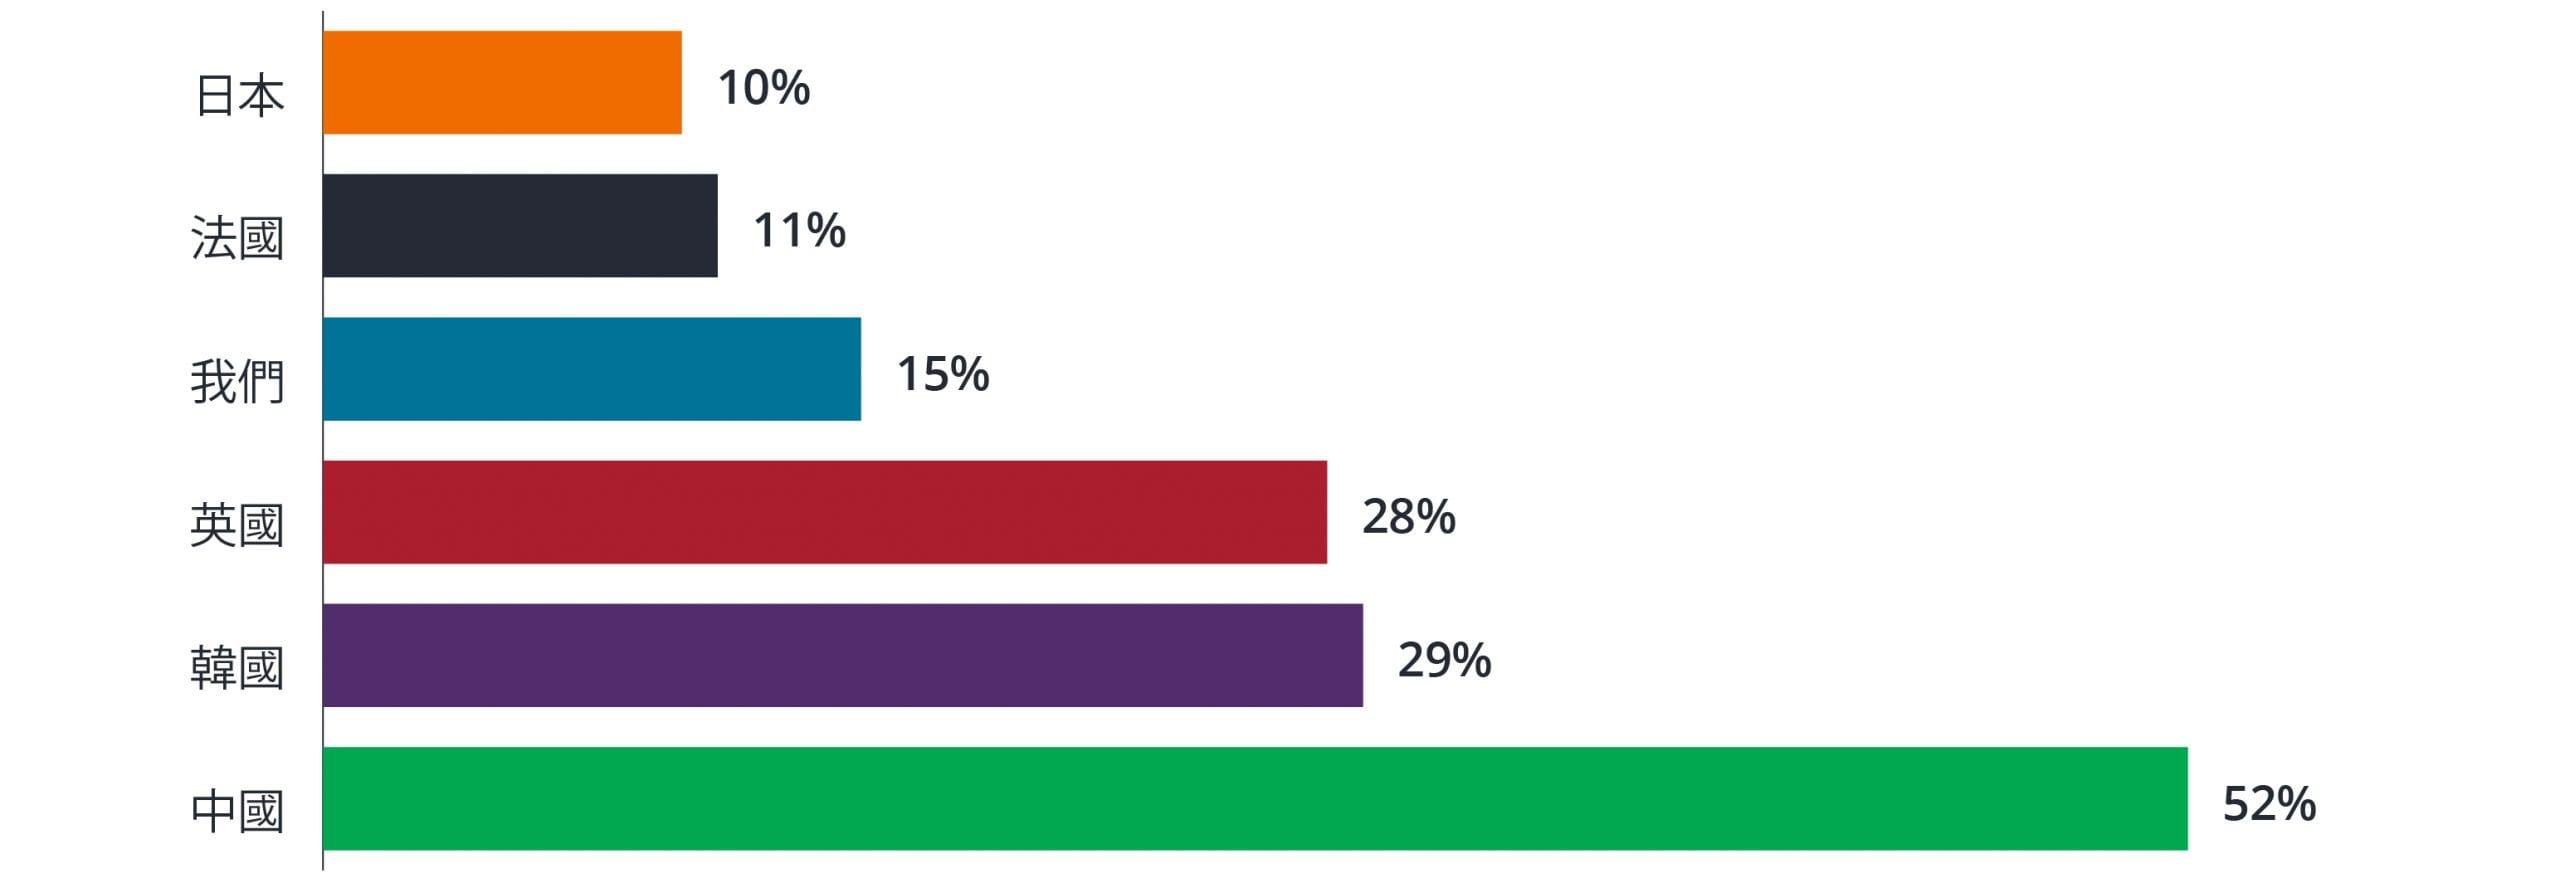 電子商務的崛起:影響房地產的關鍵趨勢